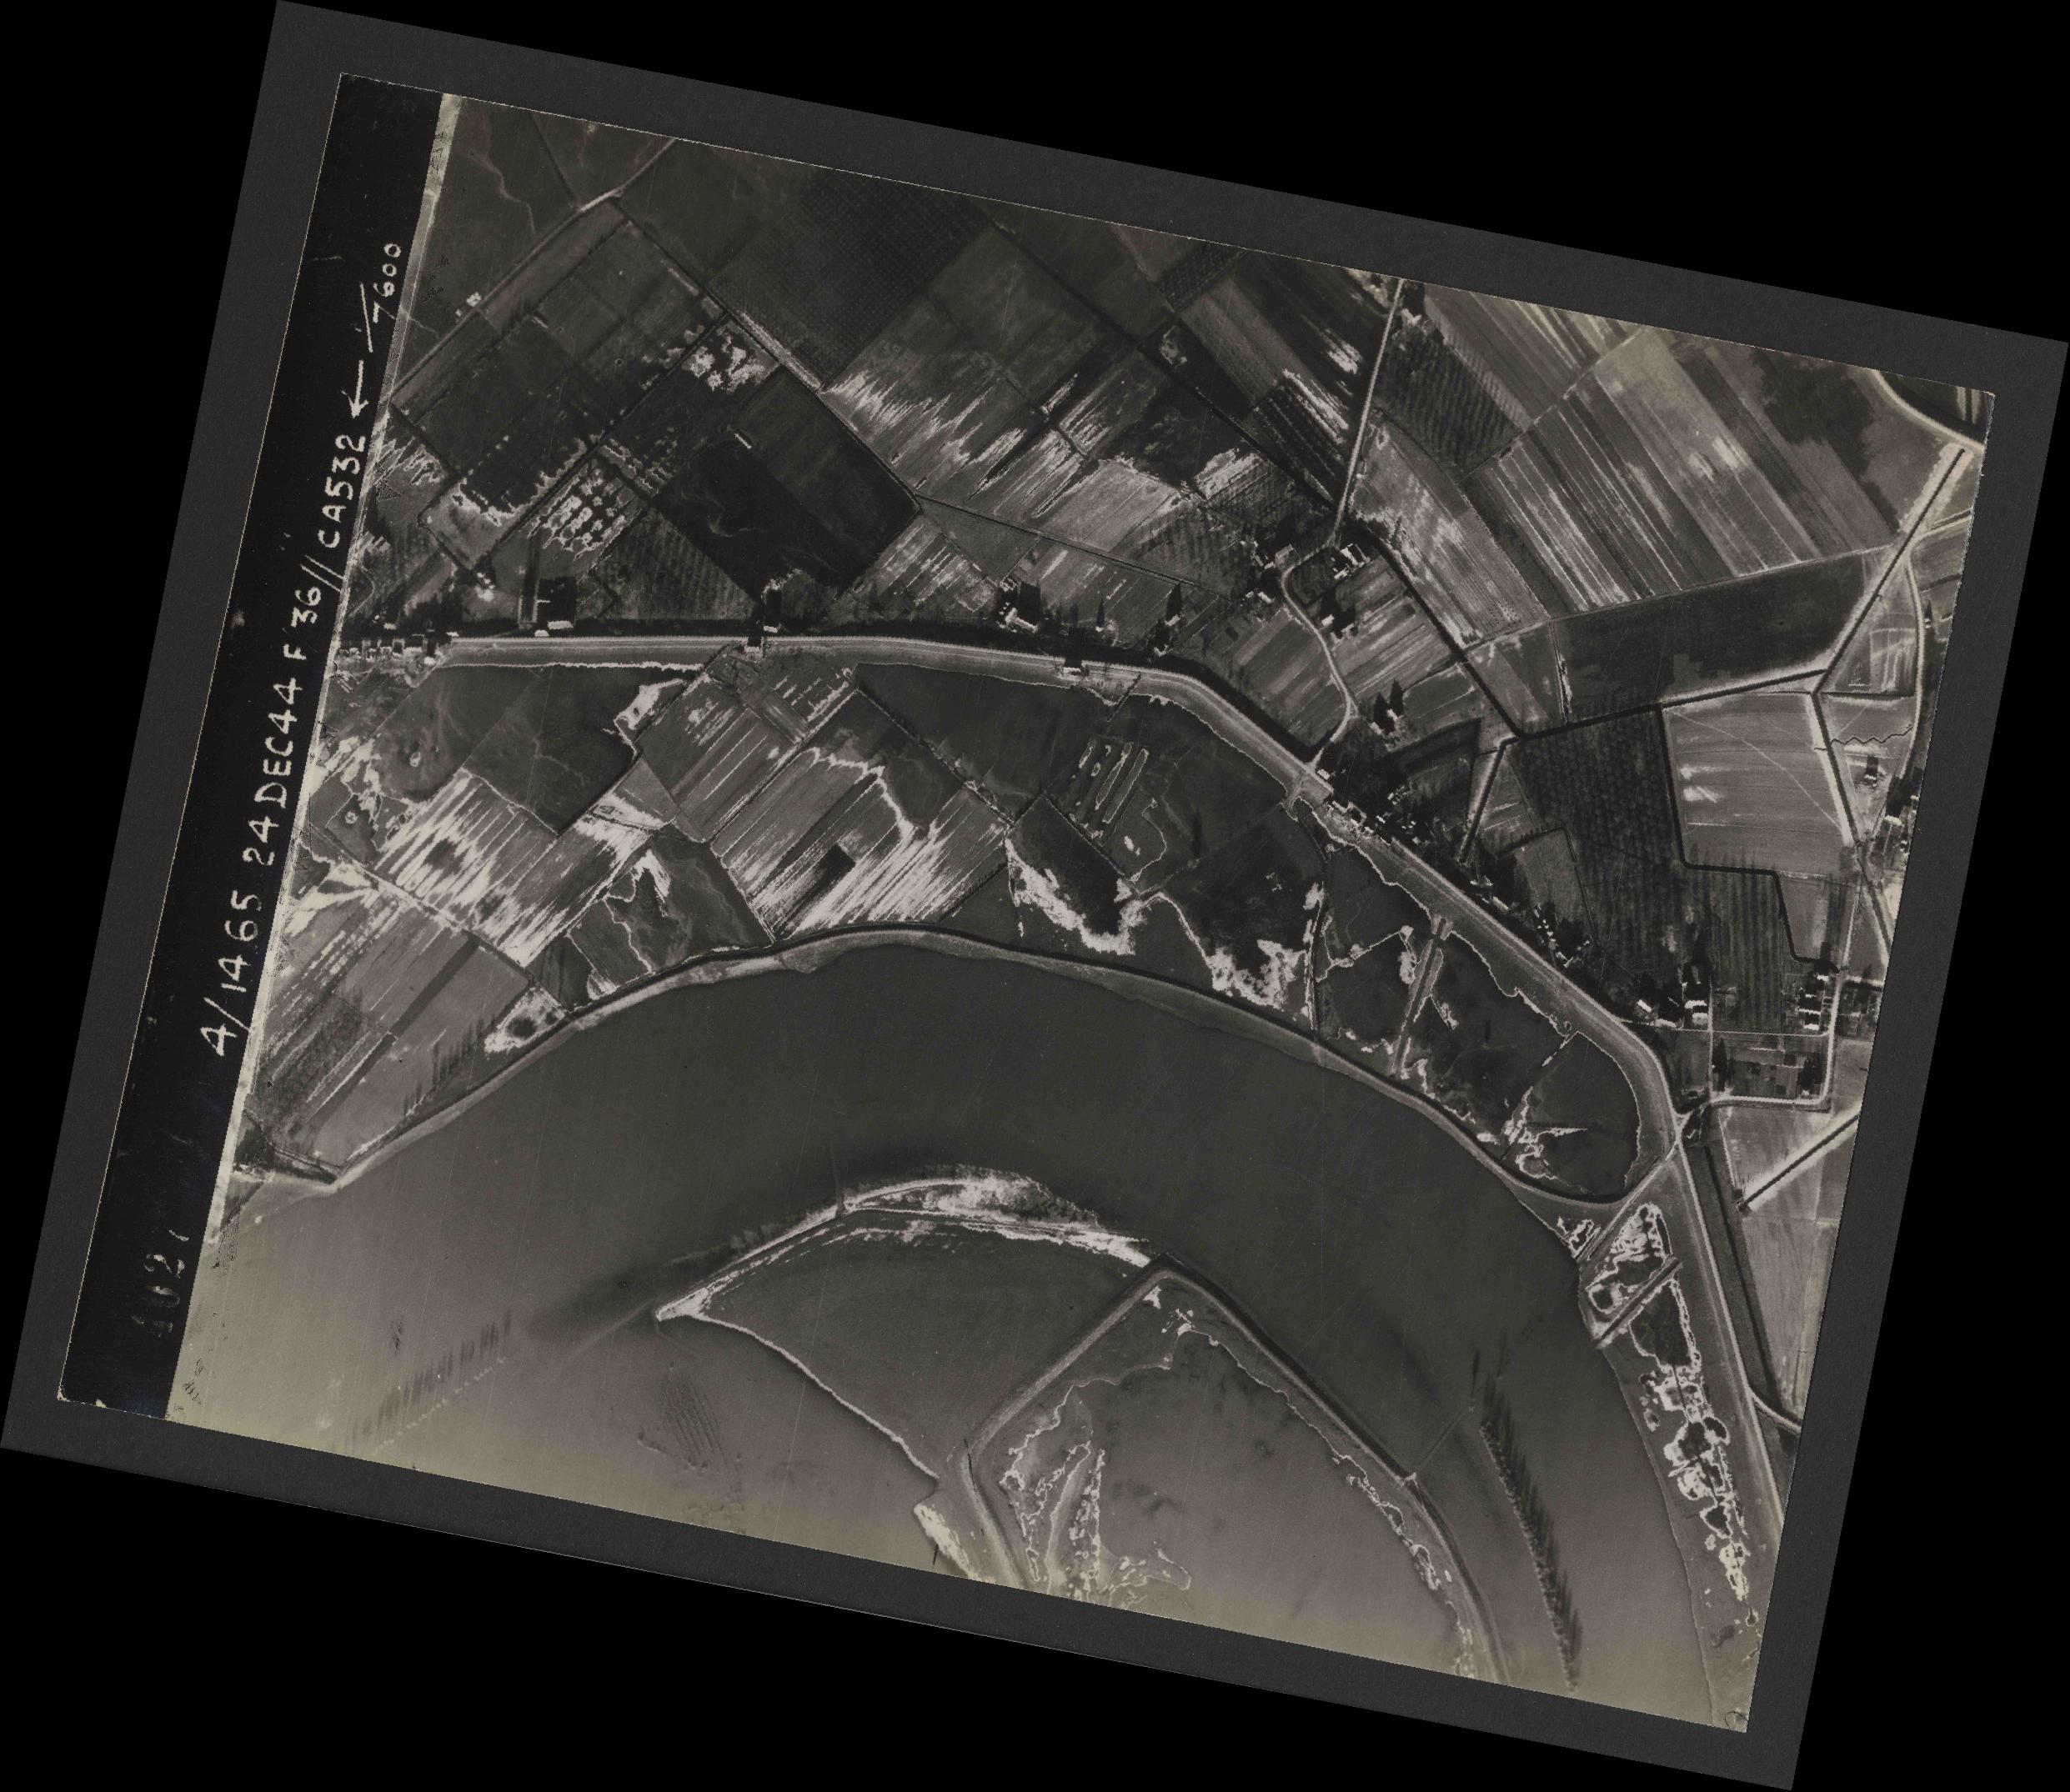 Collection RAF aerial photos 1940-1945 - flight 304, run 03, photo 4027